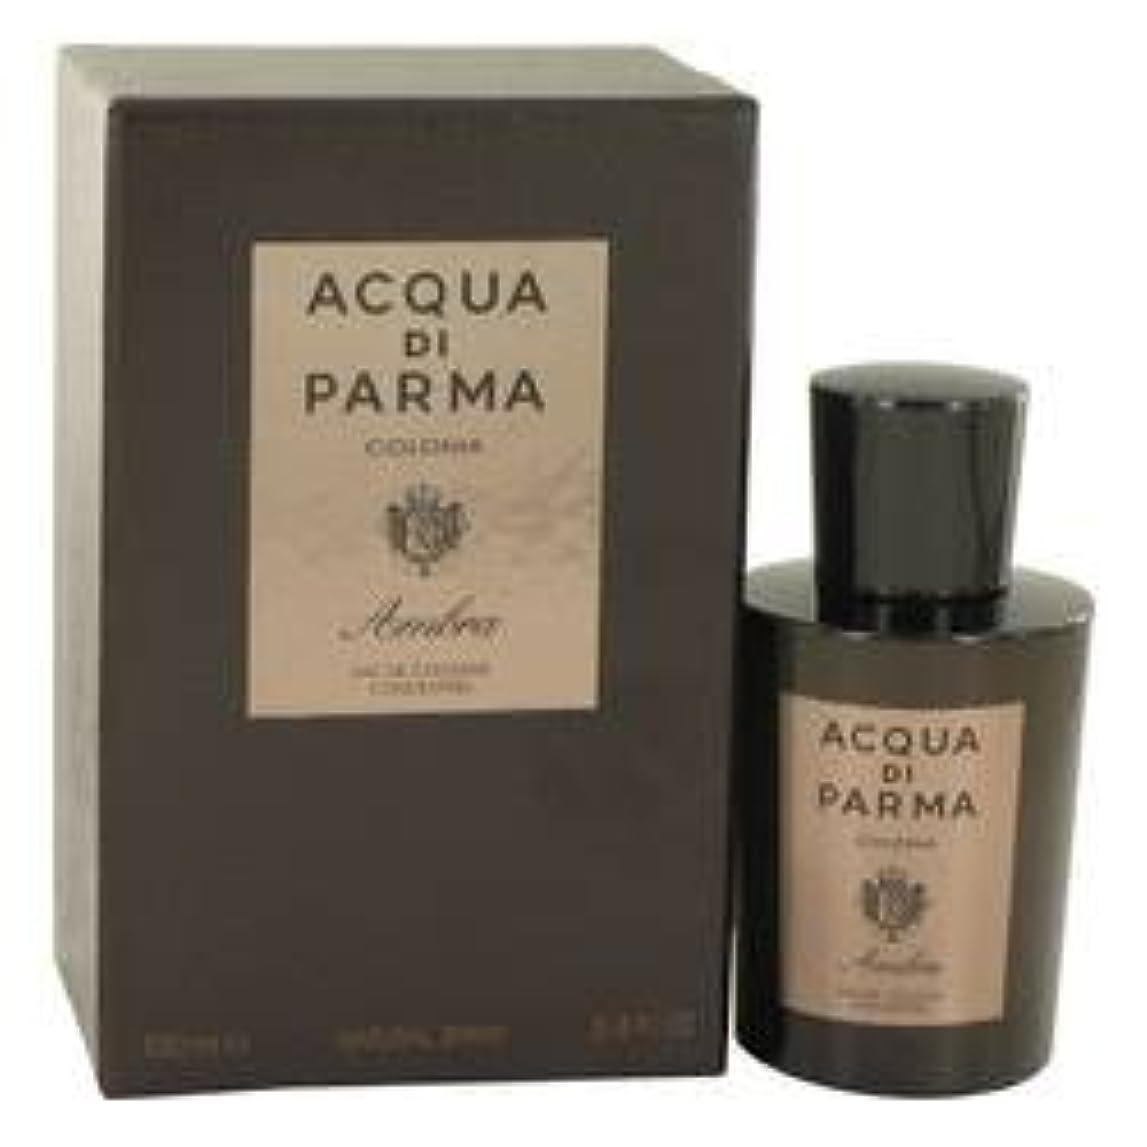 詳細にはい帽子Acqua Di Parma Colonia Ambra Eau De Cologne Concentrate Spray By Acqua Di Parma